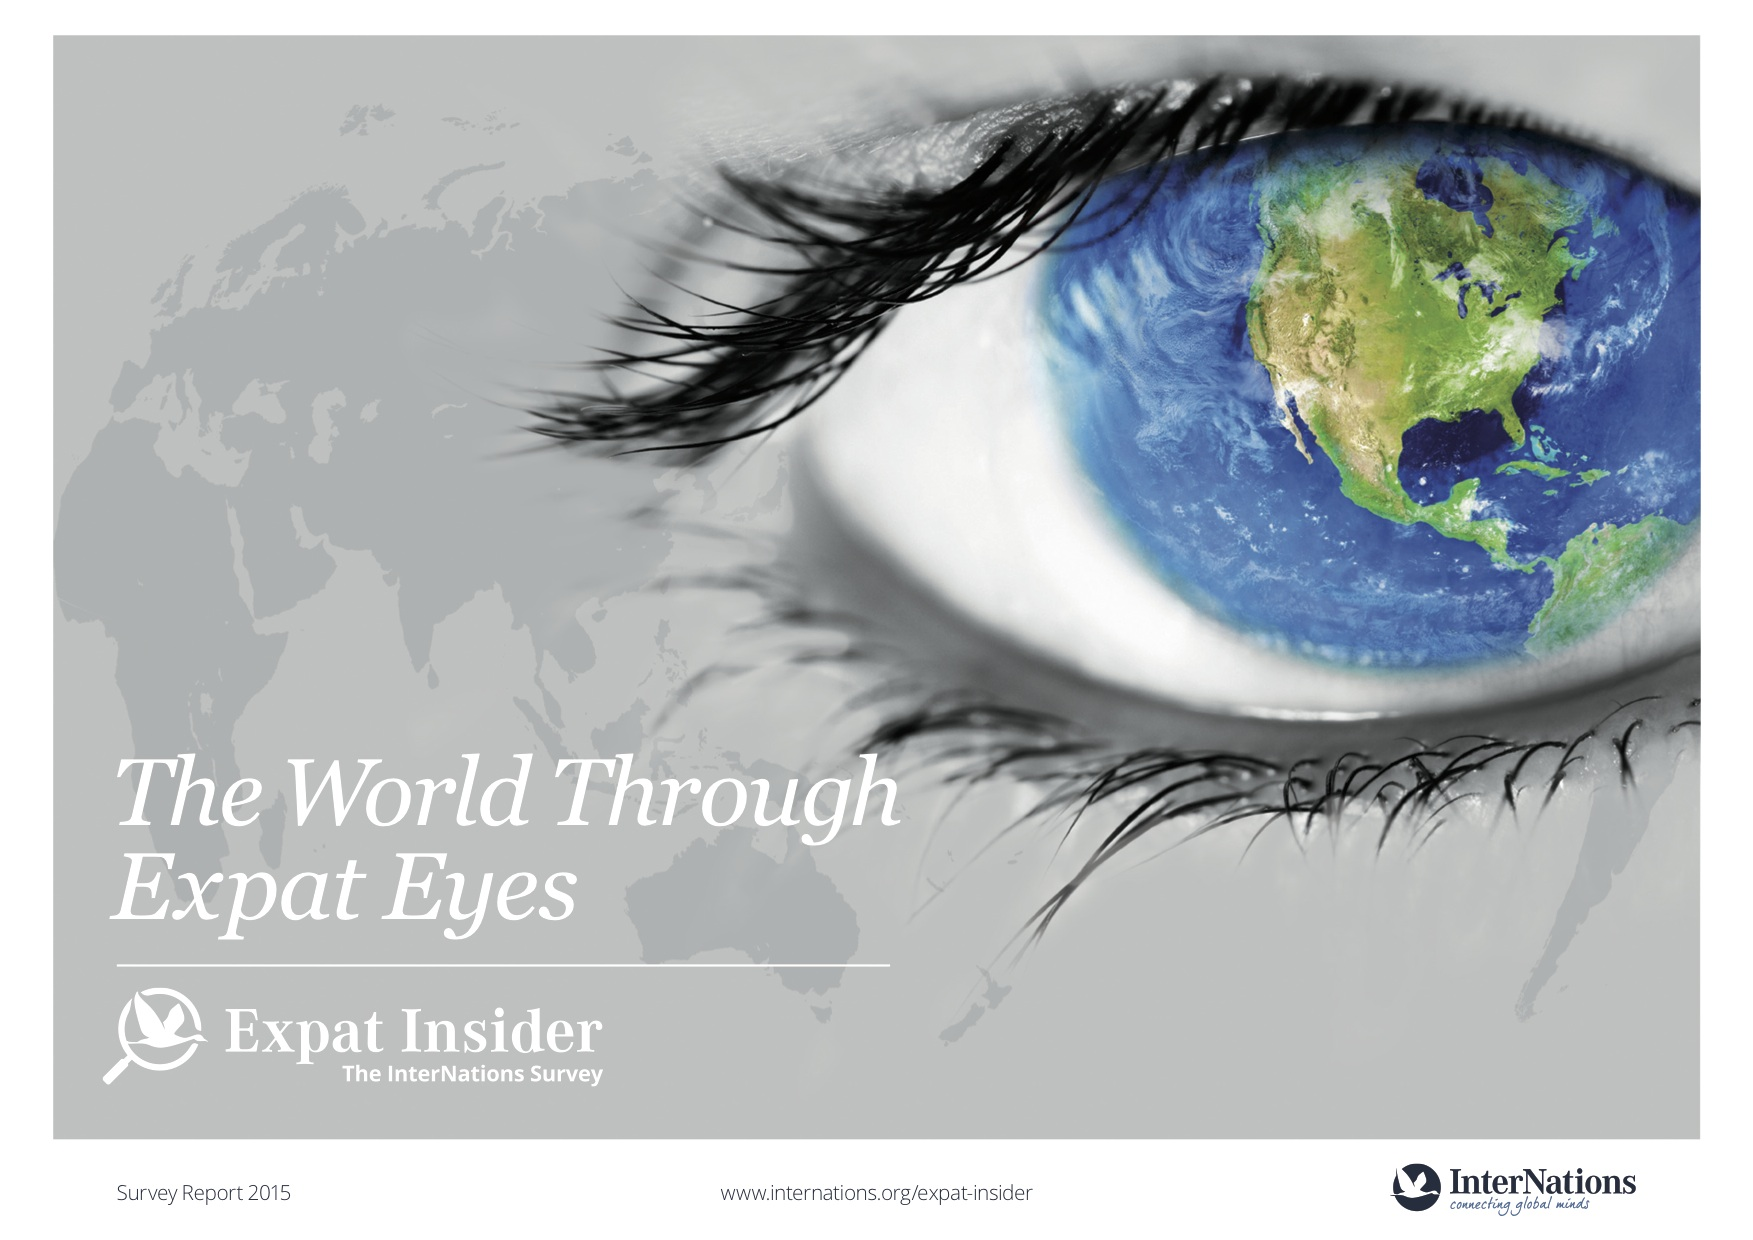 expat_insider_2015_the_internations_survey